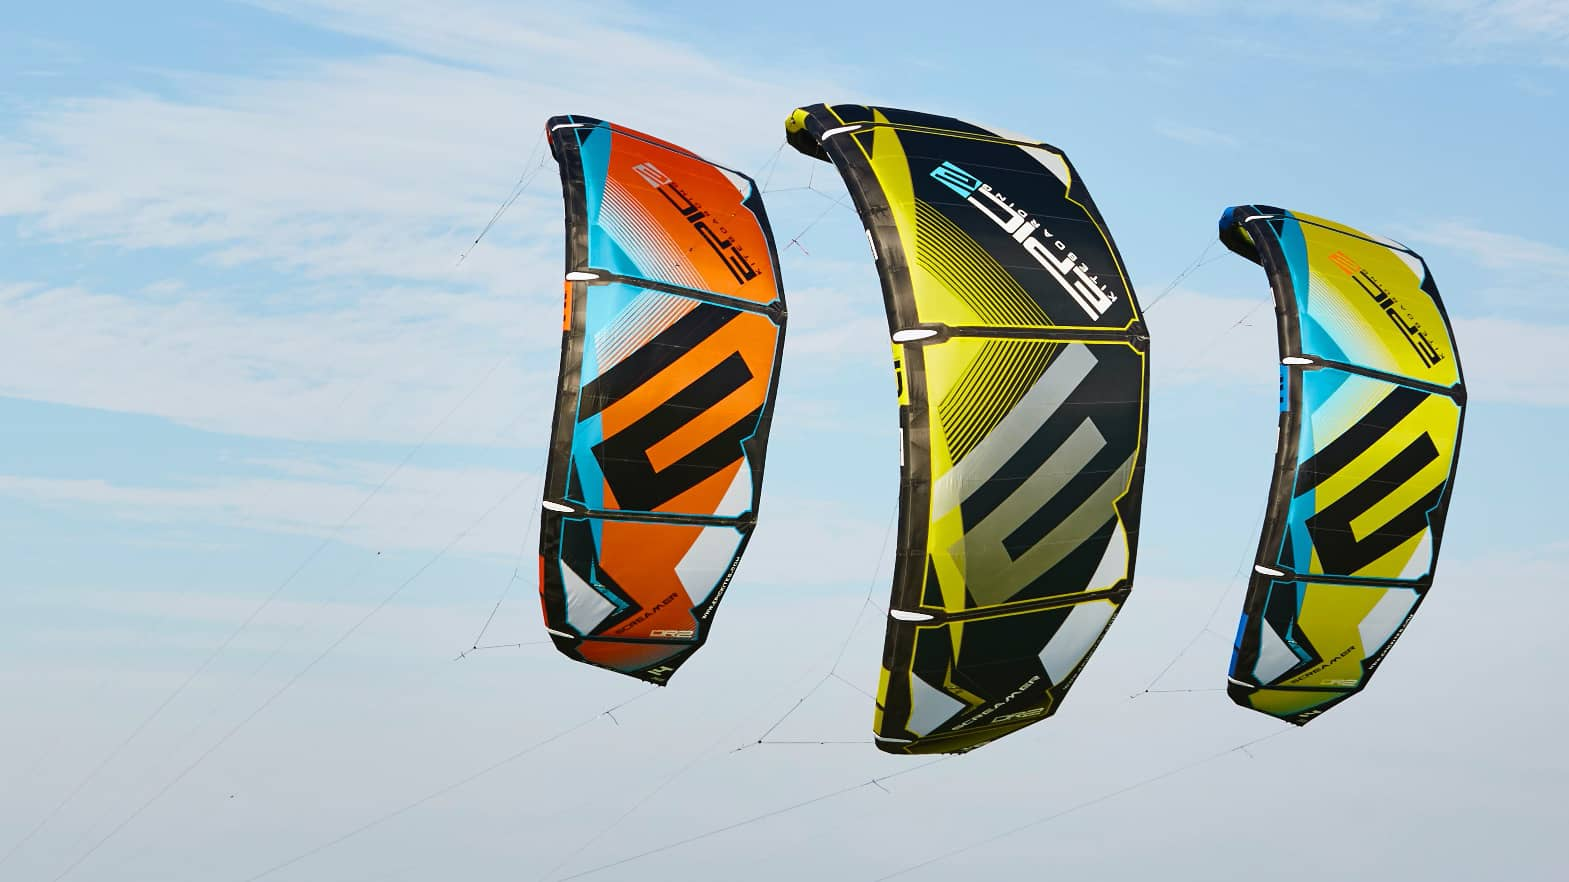 Stinky Kiteboarders - with Epic Kites Kiteboarding